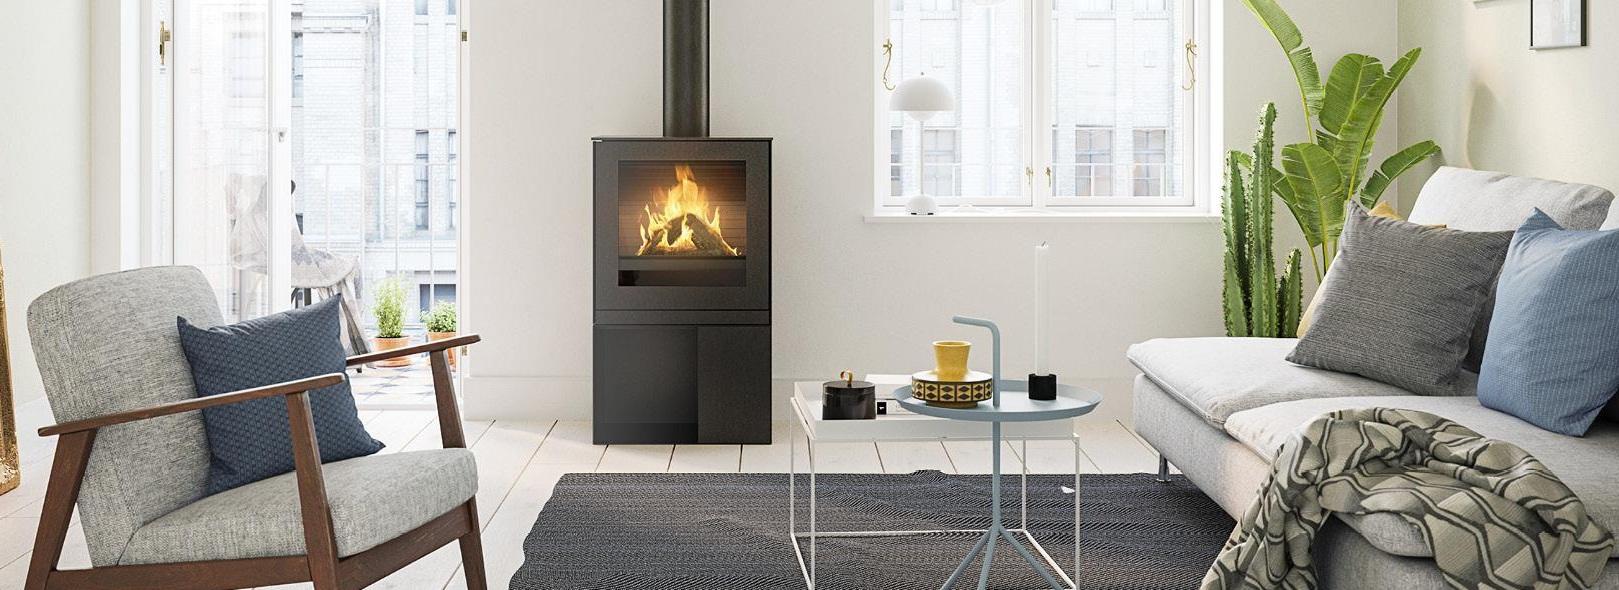 Rais Q-tee 2 gas    Met het exclusieve, kubistische ontwerp is RAIS Q-Tee 2 Gas een koele en ingetogen elegantie met een twist.  Verkrijgbaar met doppen en poten op verschillende hoogtes .